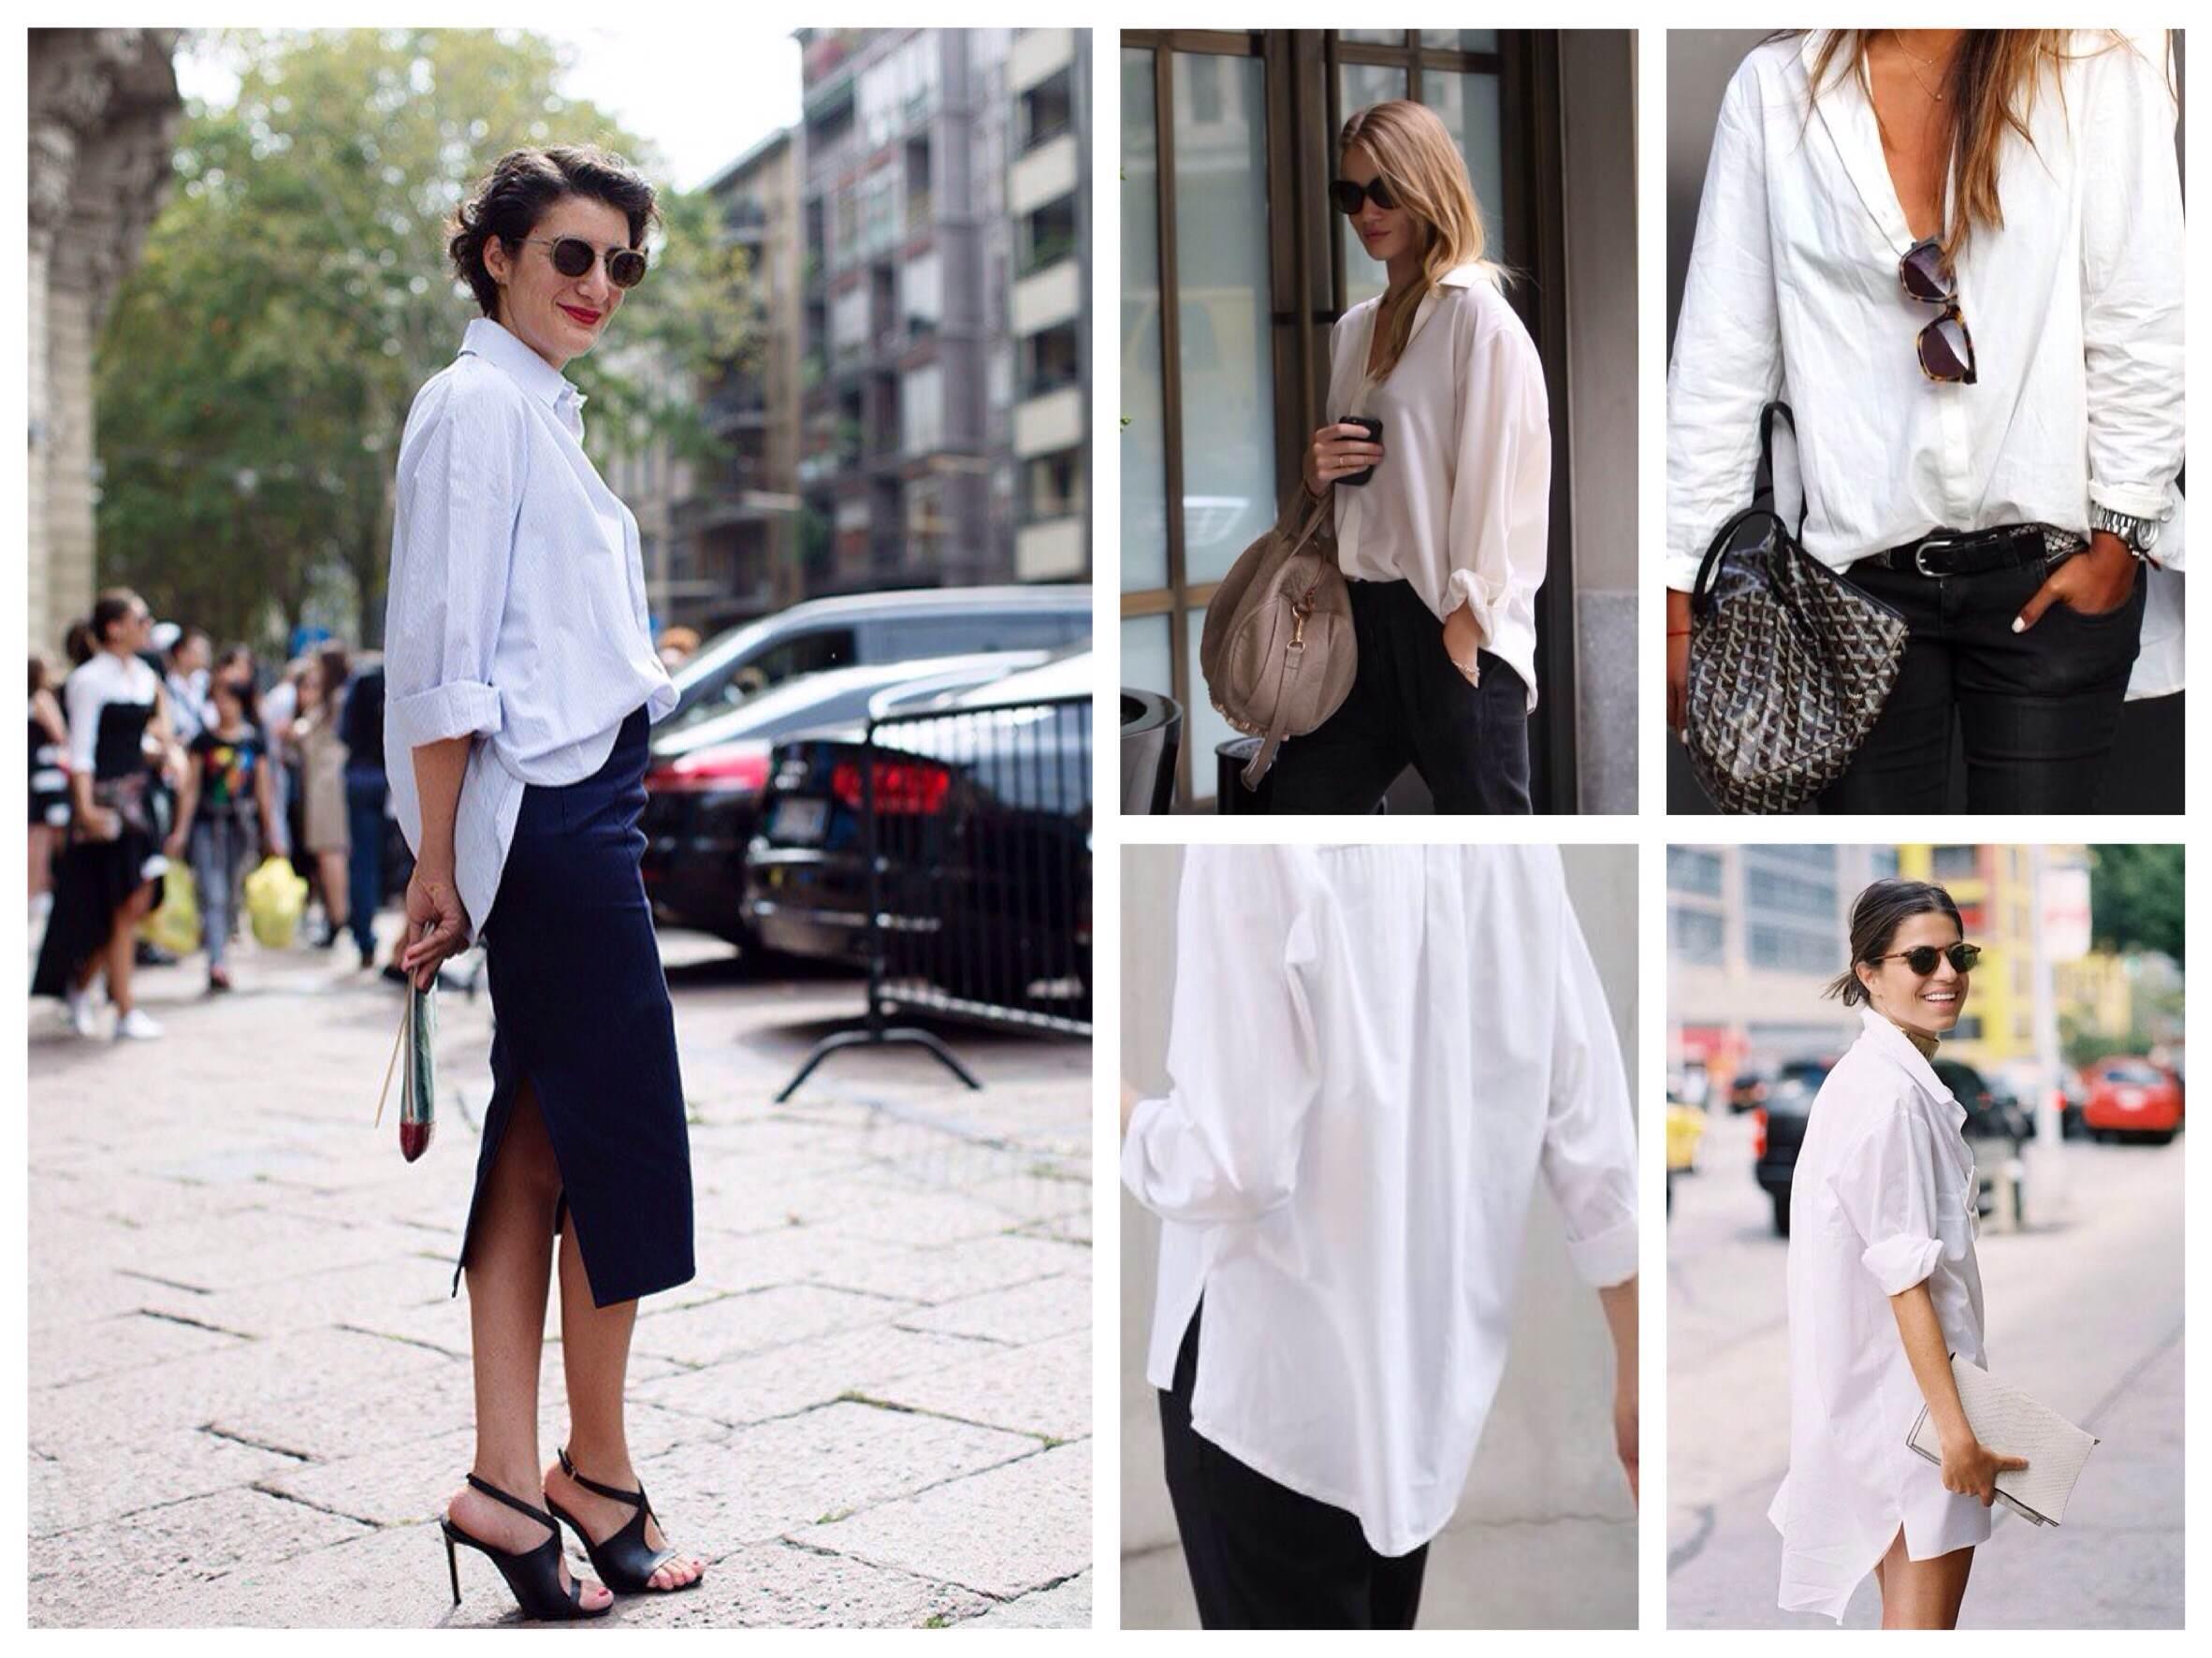 Одежда унисекс в москве мужская женская